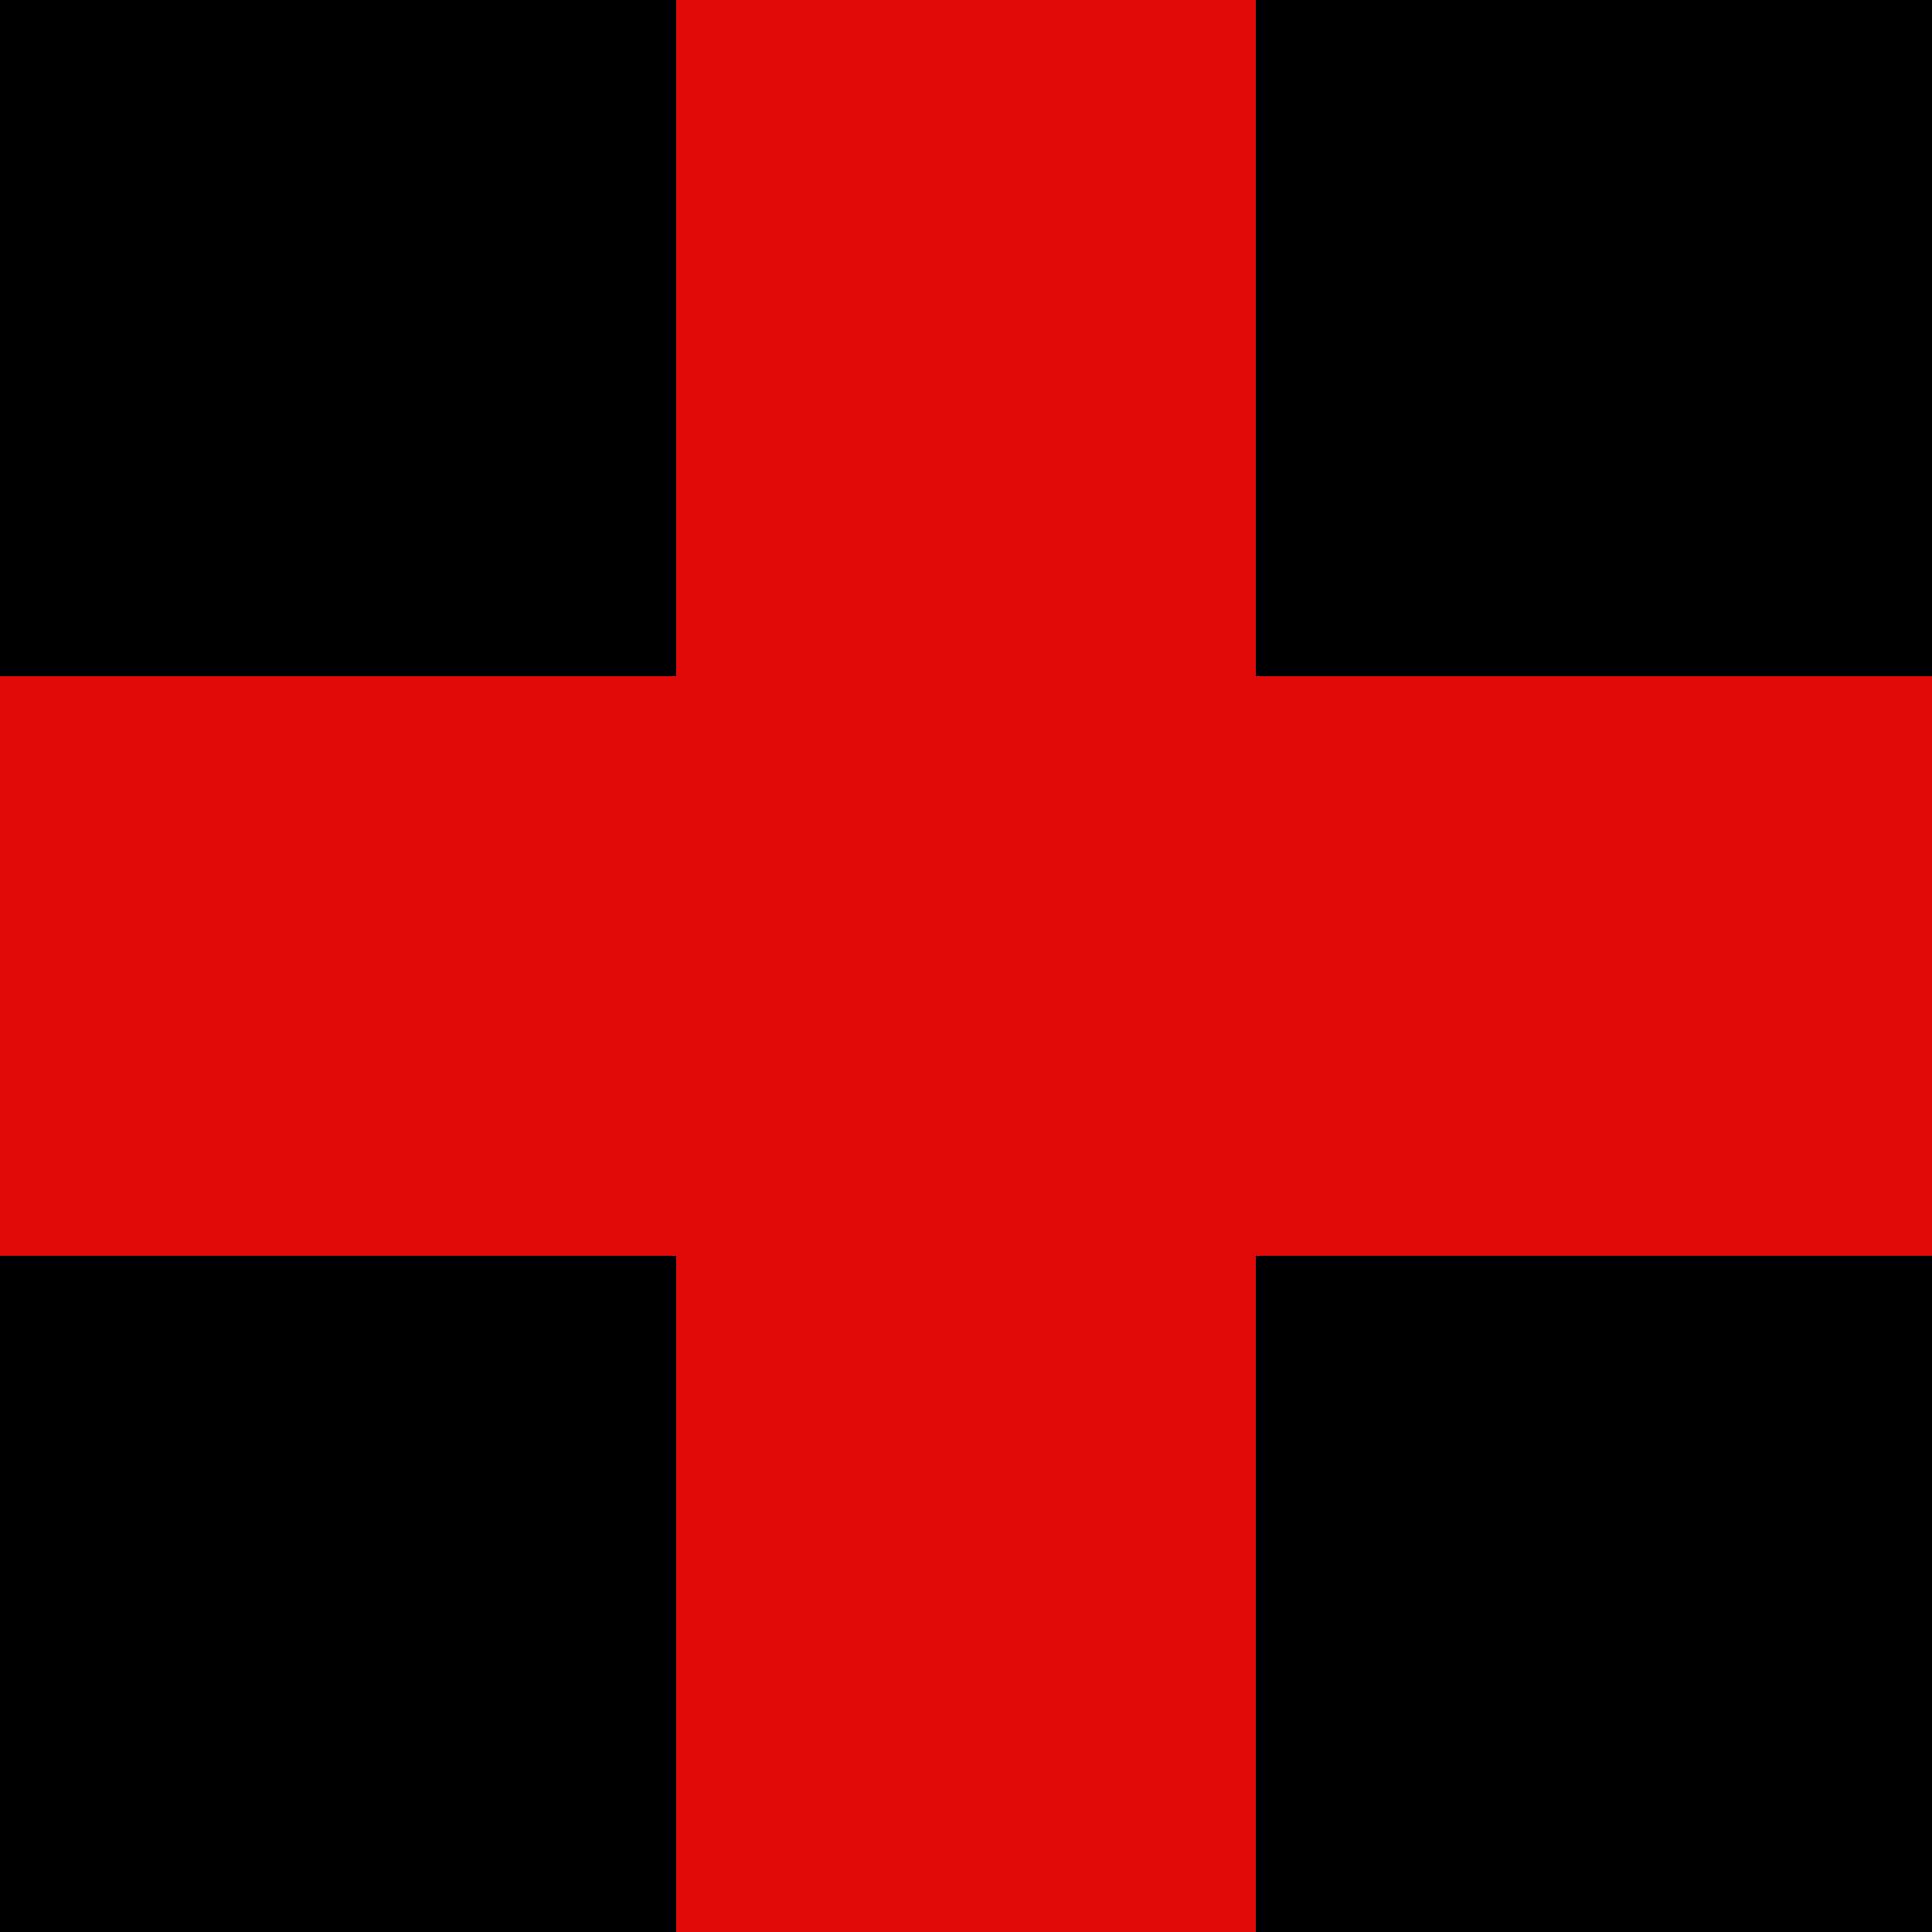 Red Cross clipart svg Pursuivant Commons Open svg Croix